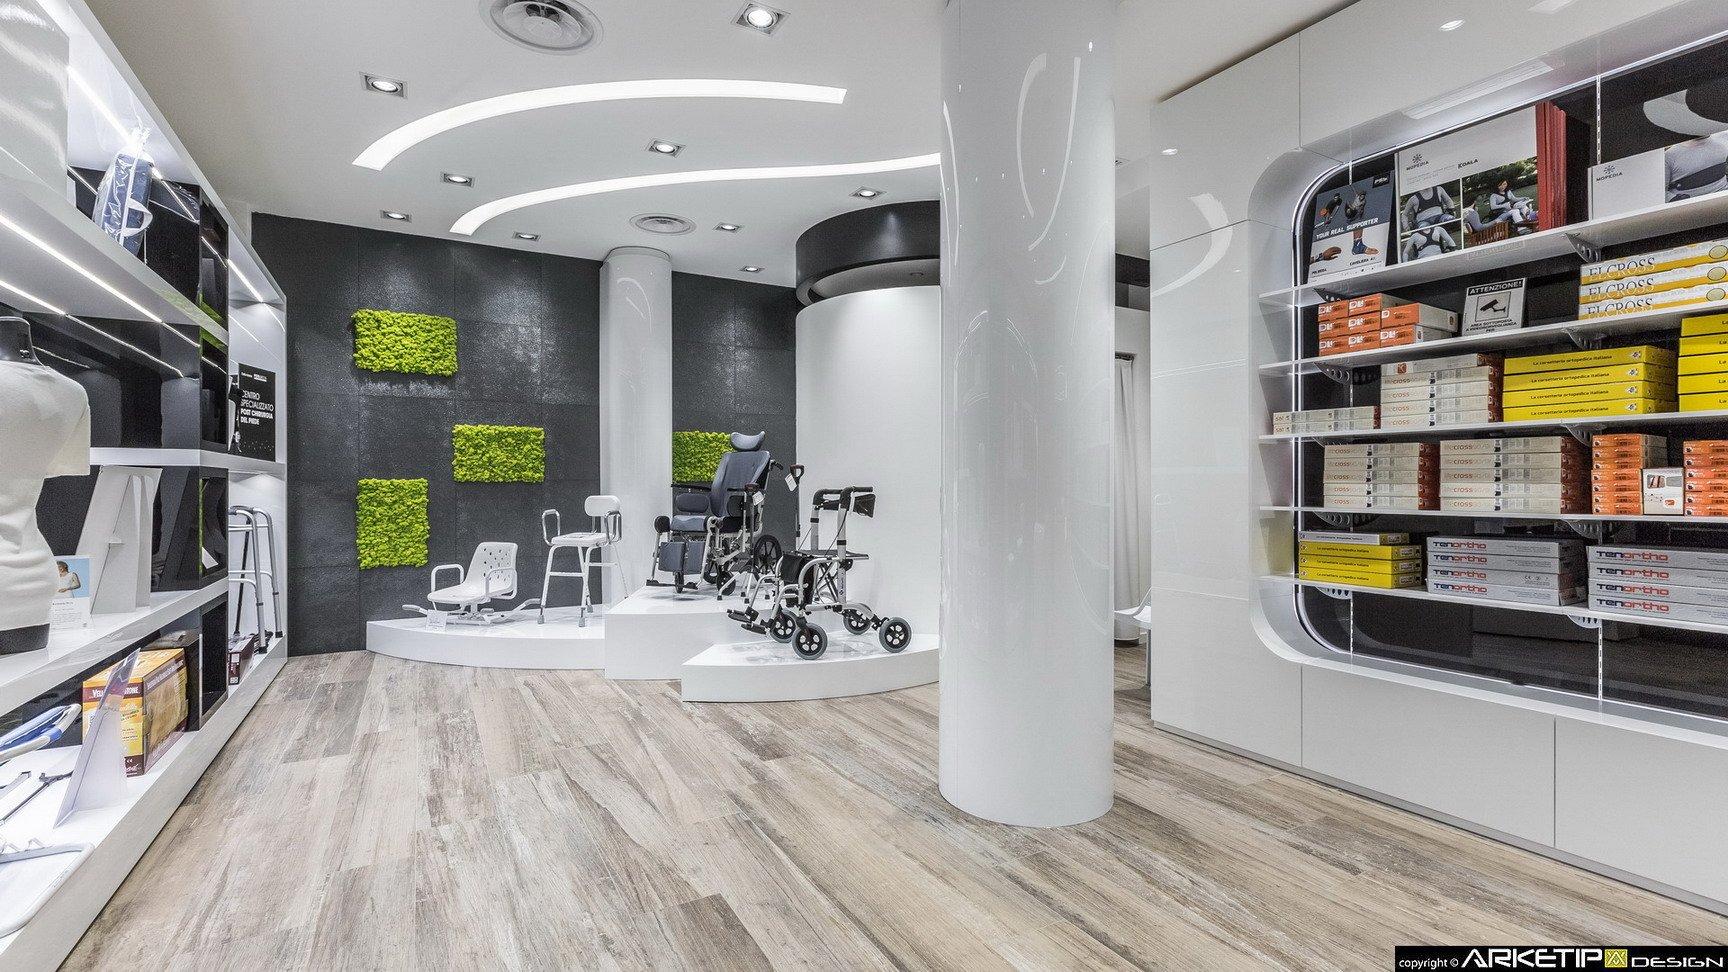 Arredamenti negozi roma le isole del centro with for Negozi sedie ufficio roma